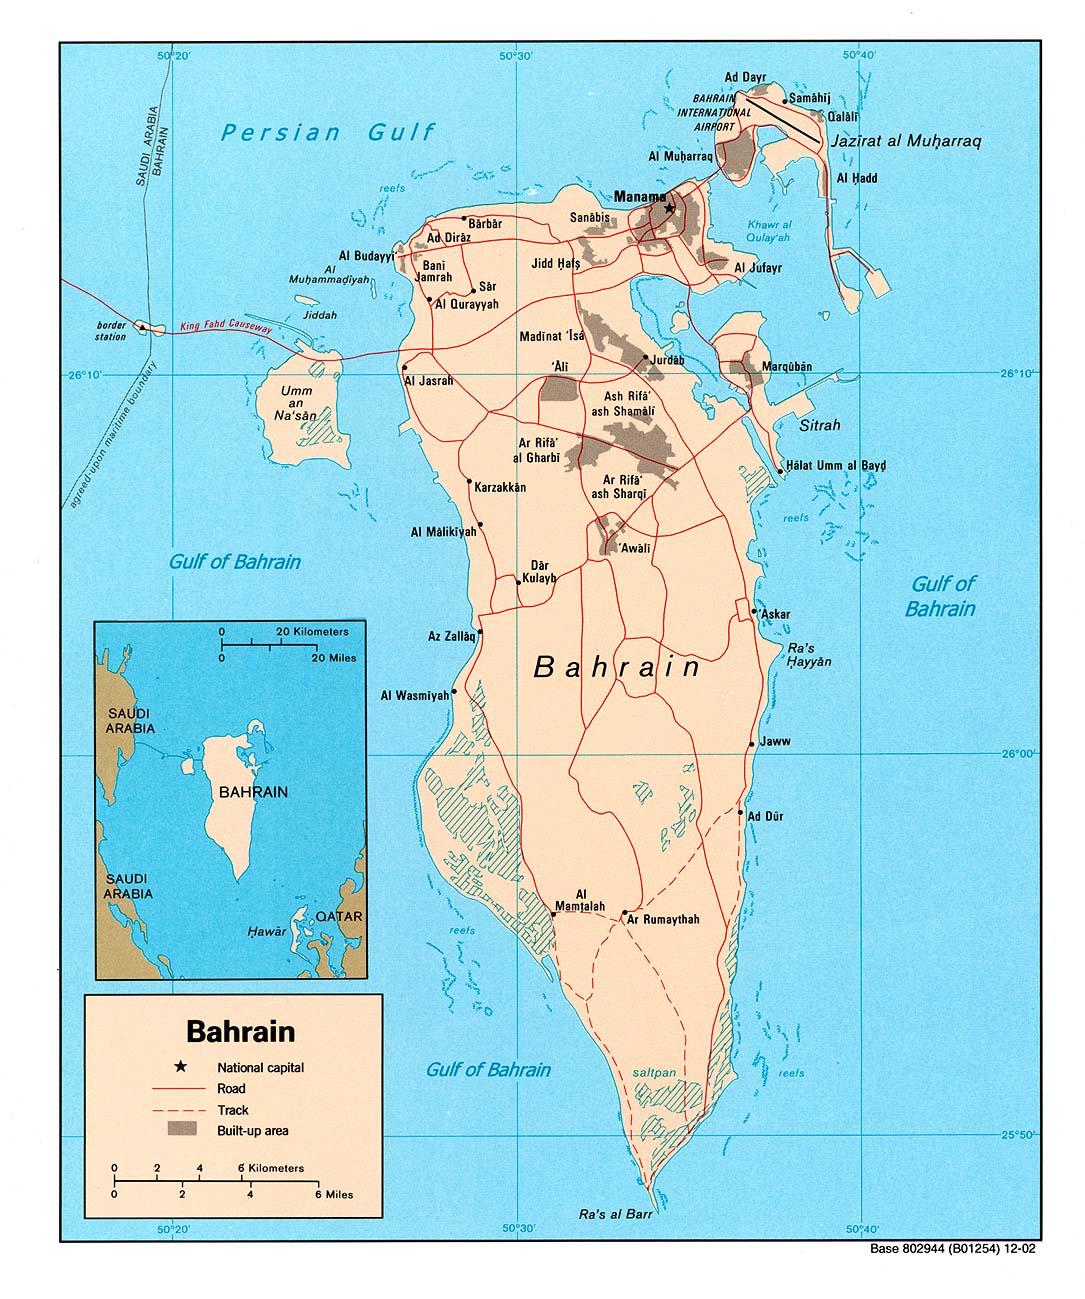 http://2.bp.blogspot.com/-o_5foIpG1LA/TX4hX8pSoiI/AAAAAAAAClo/umD0GHkYLLM/s1600/map.jpg